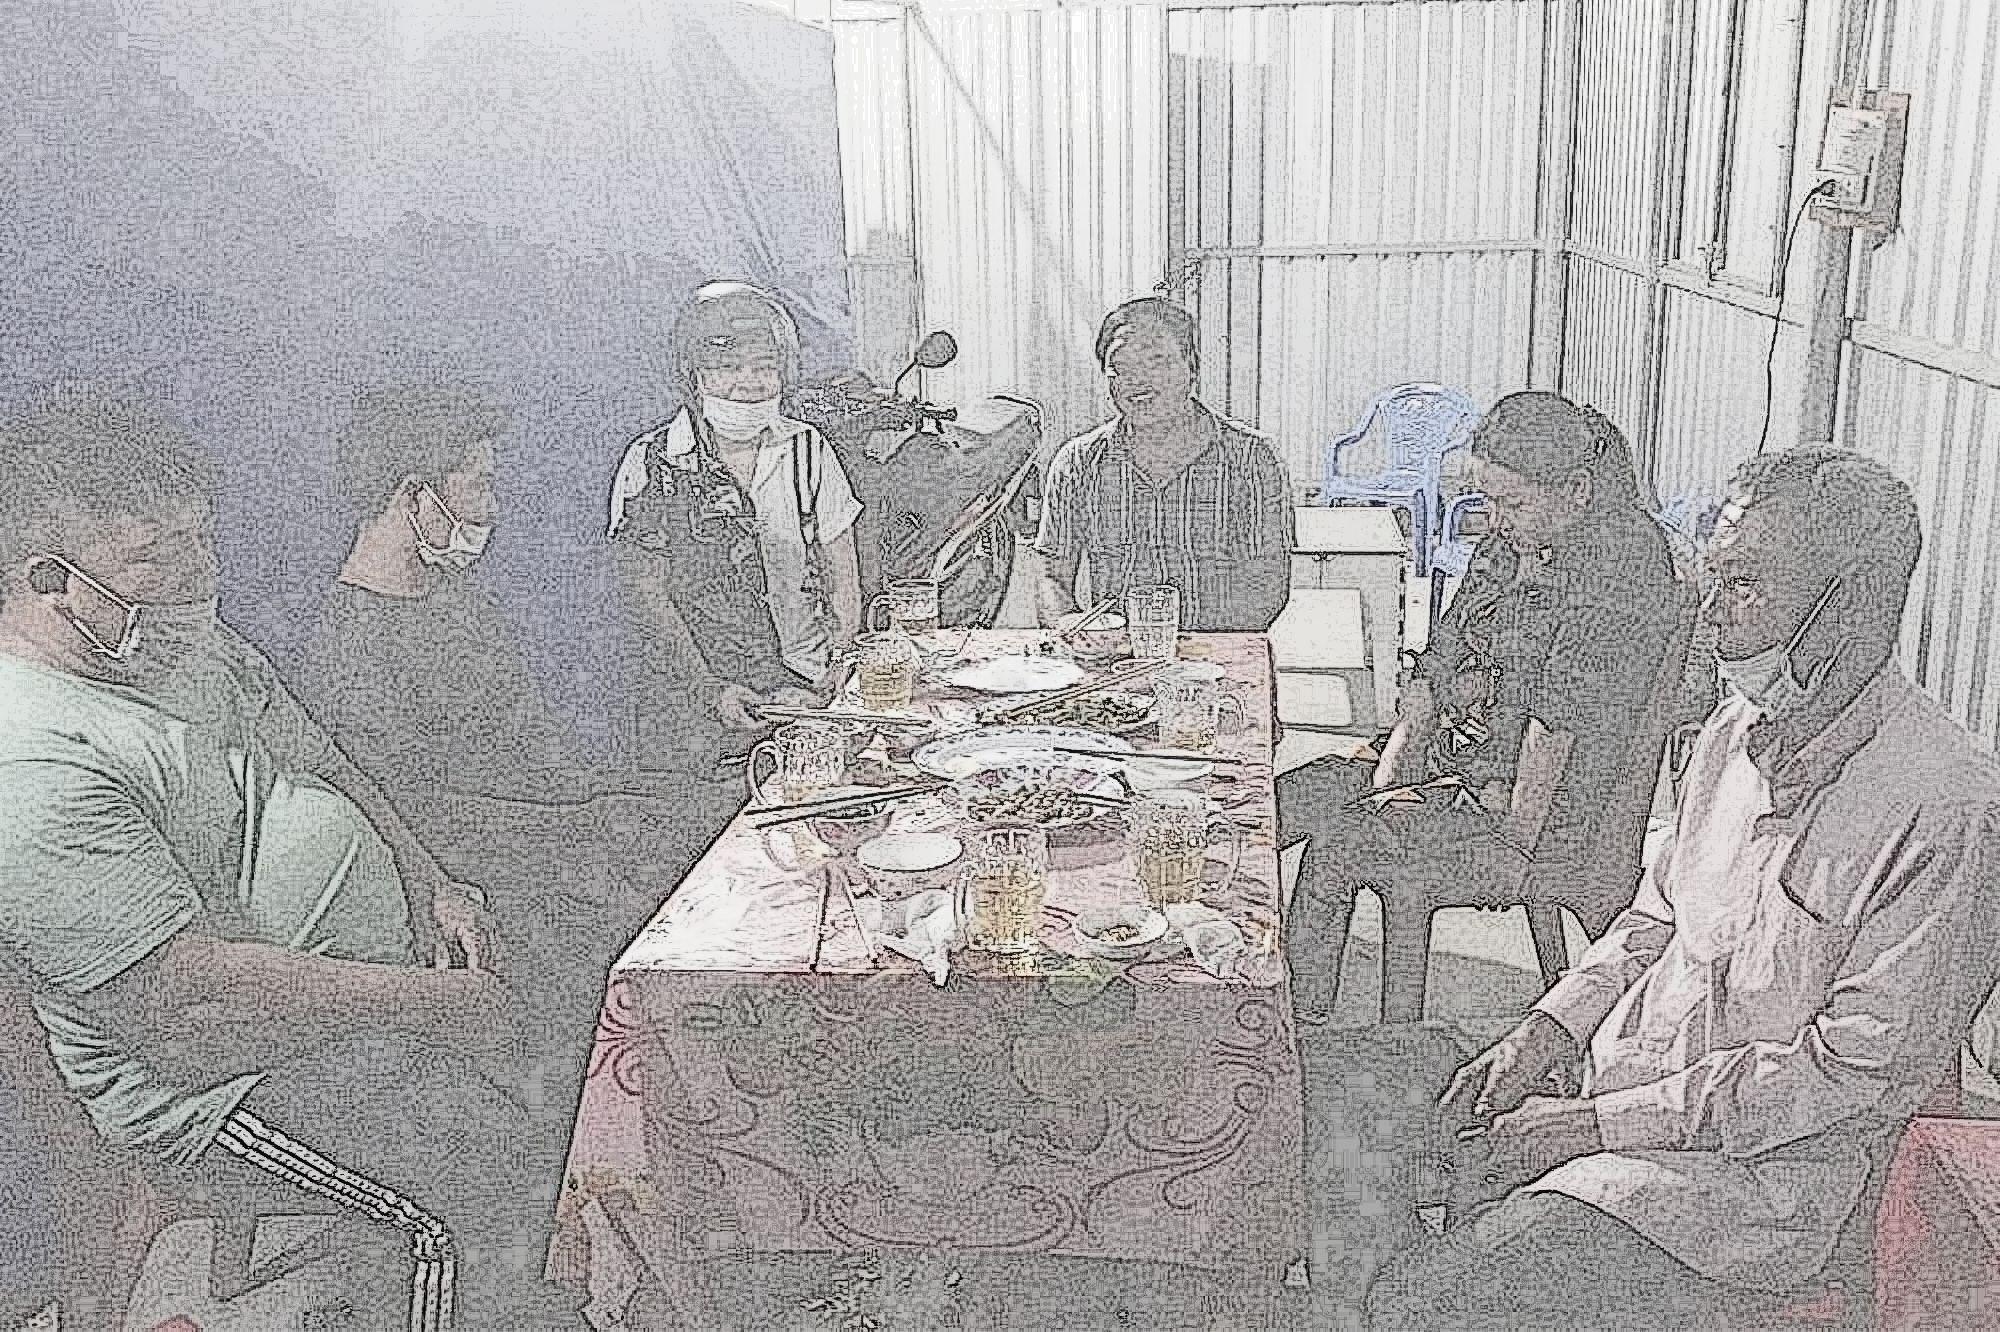 Các trường hợp tụ tập ăn nhậu ở Trà Vinh tại thời điểm kiểm tra - (Ảnh: cơ quan công an cung cấp)